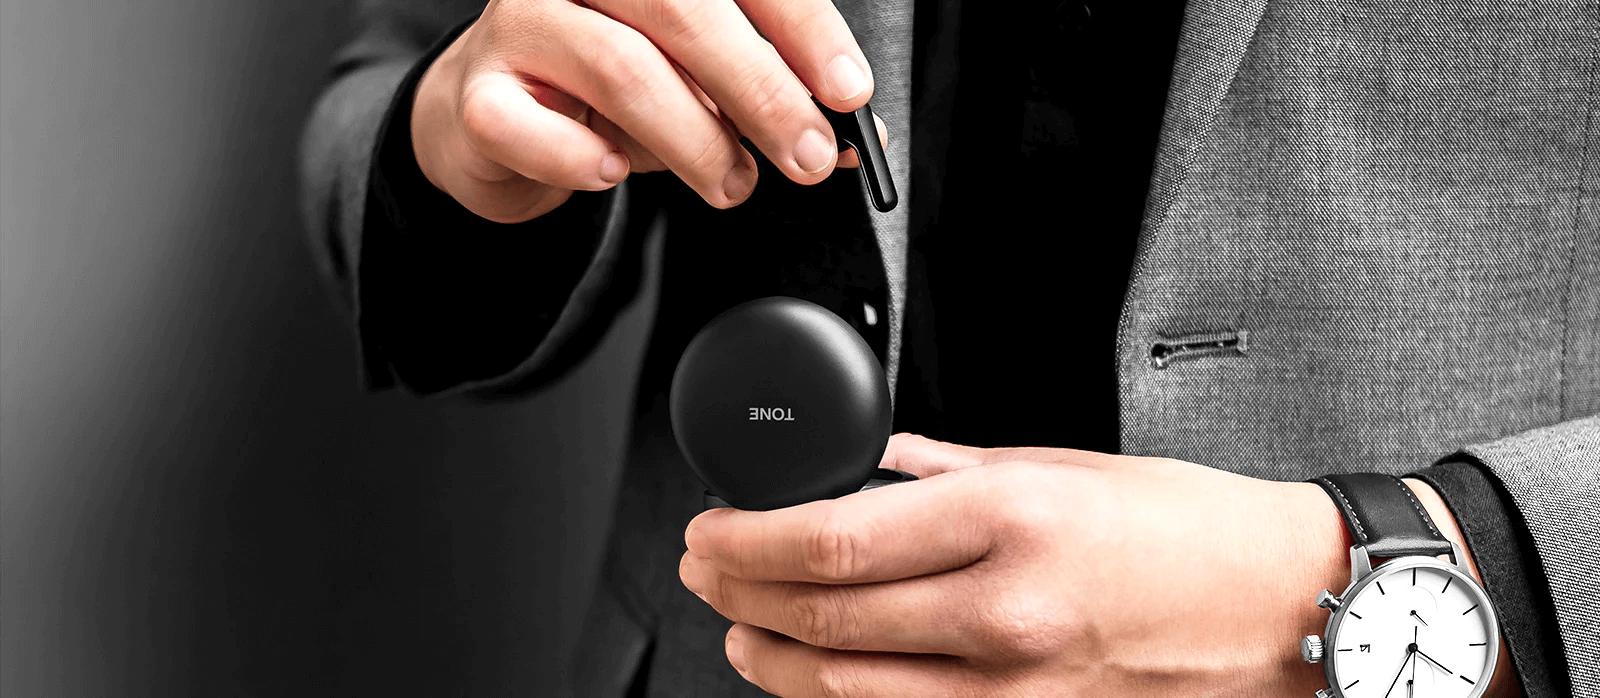 LG TONE Free HBS-FN5U True Wireless